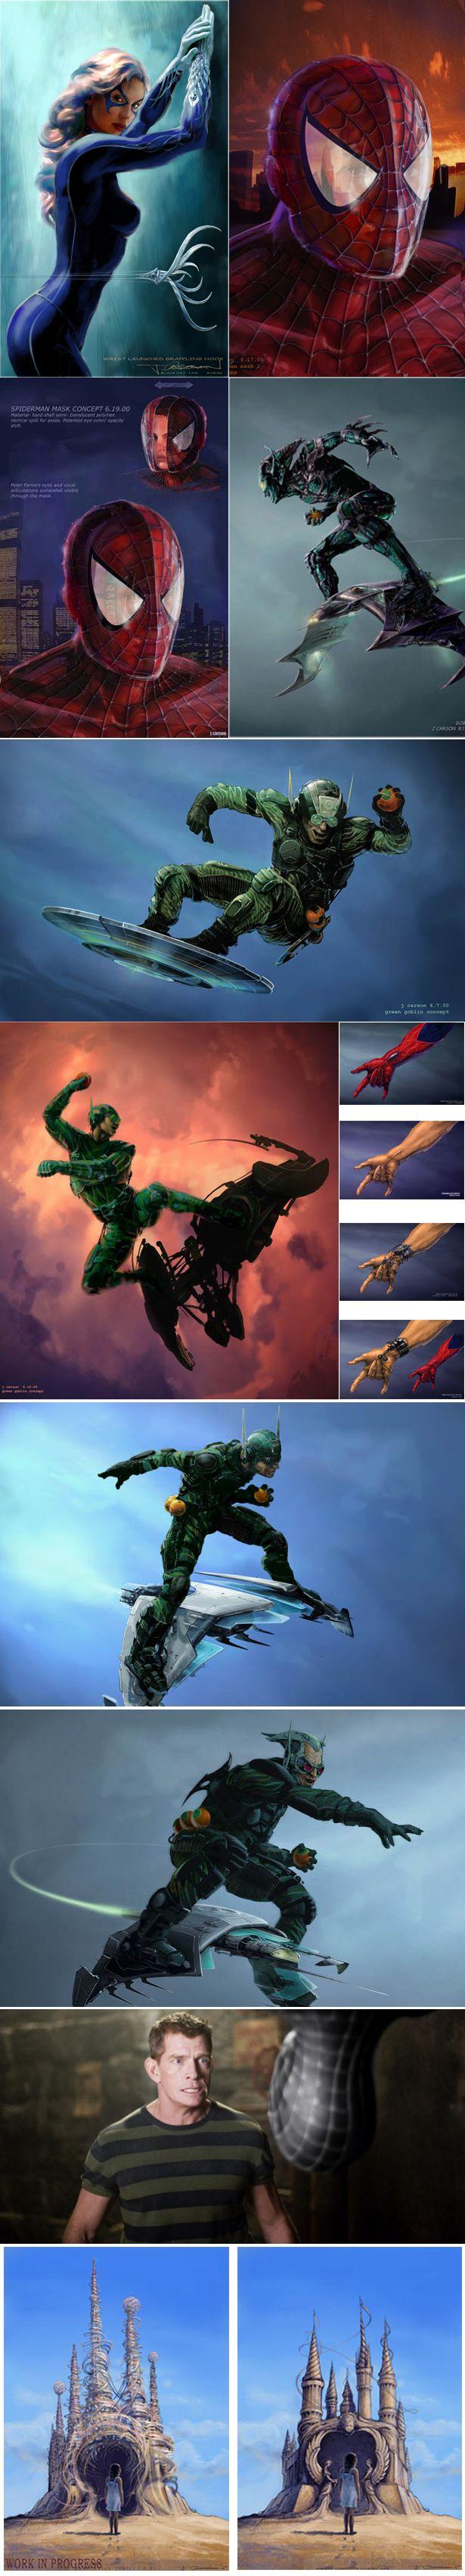 Homem-Aranha de Sam Raimi - Artes conceituais de Gata Negra e Duende Verde - Legião dos Heróis